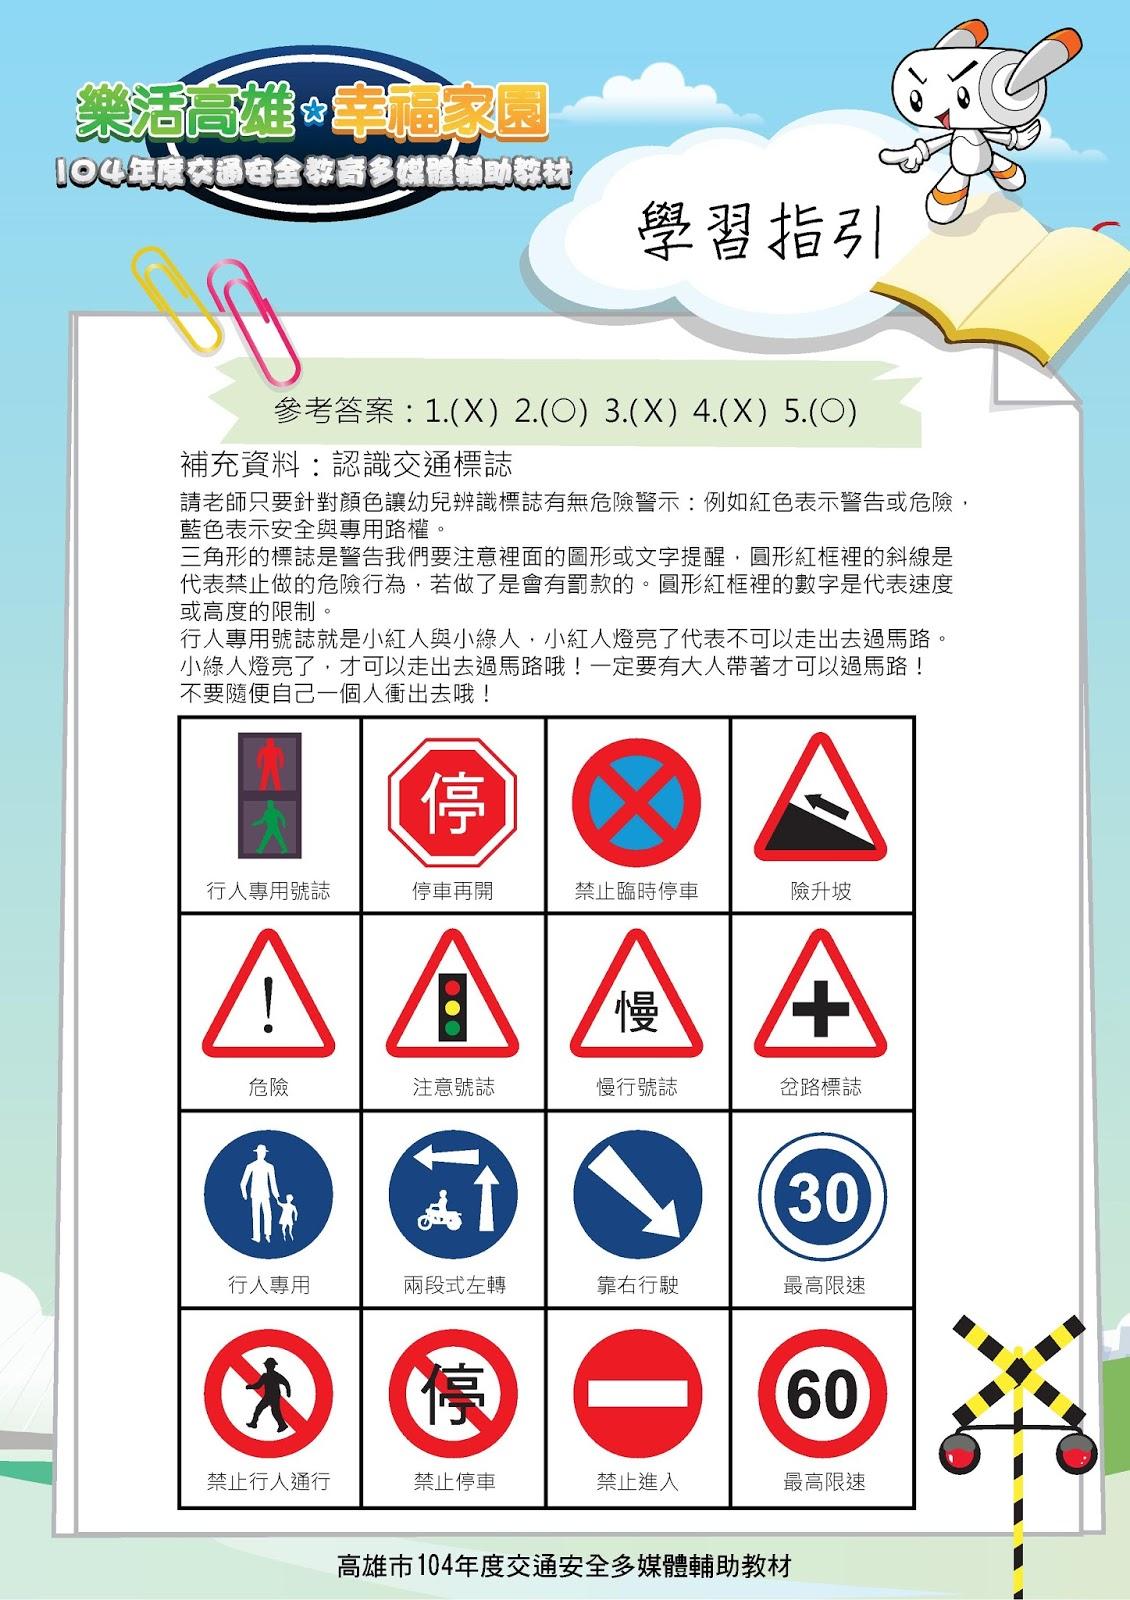 上石國小生活教育宣導網: 高雄市104年度交通安全教育輔助教材學習單-交通安全觀念-幼兒